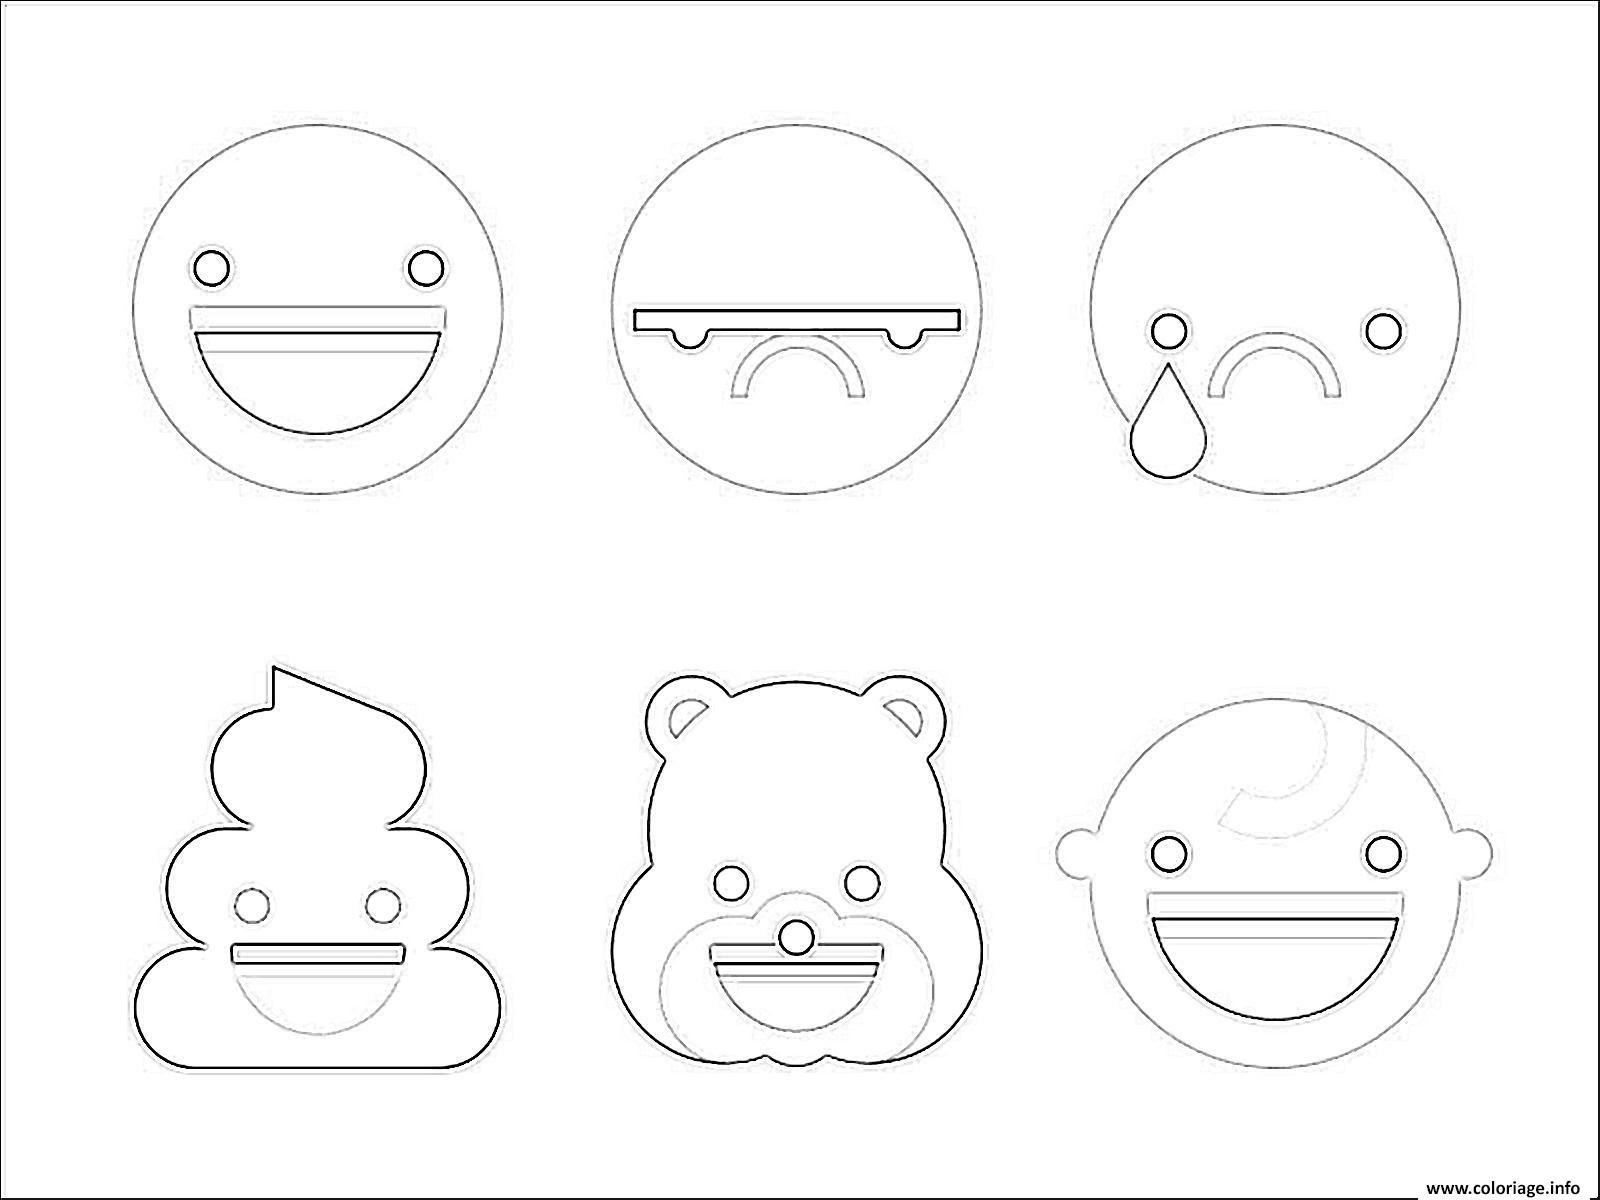 Coloriage Emoji à Imprimer